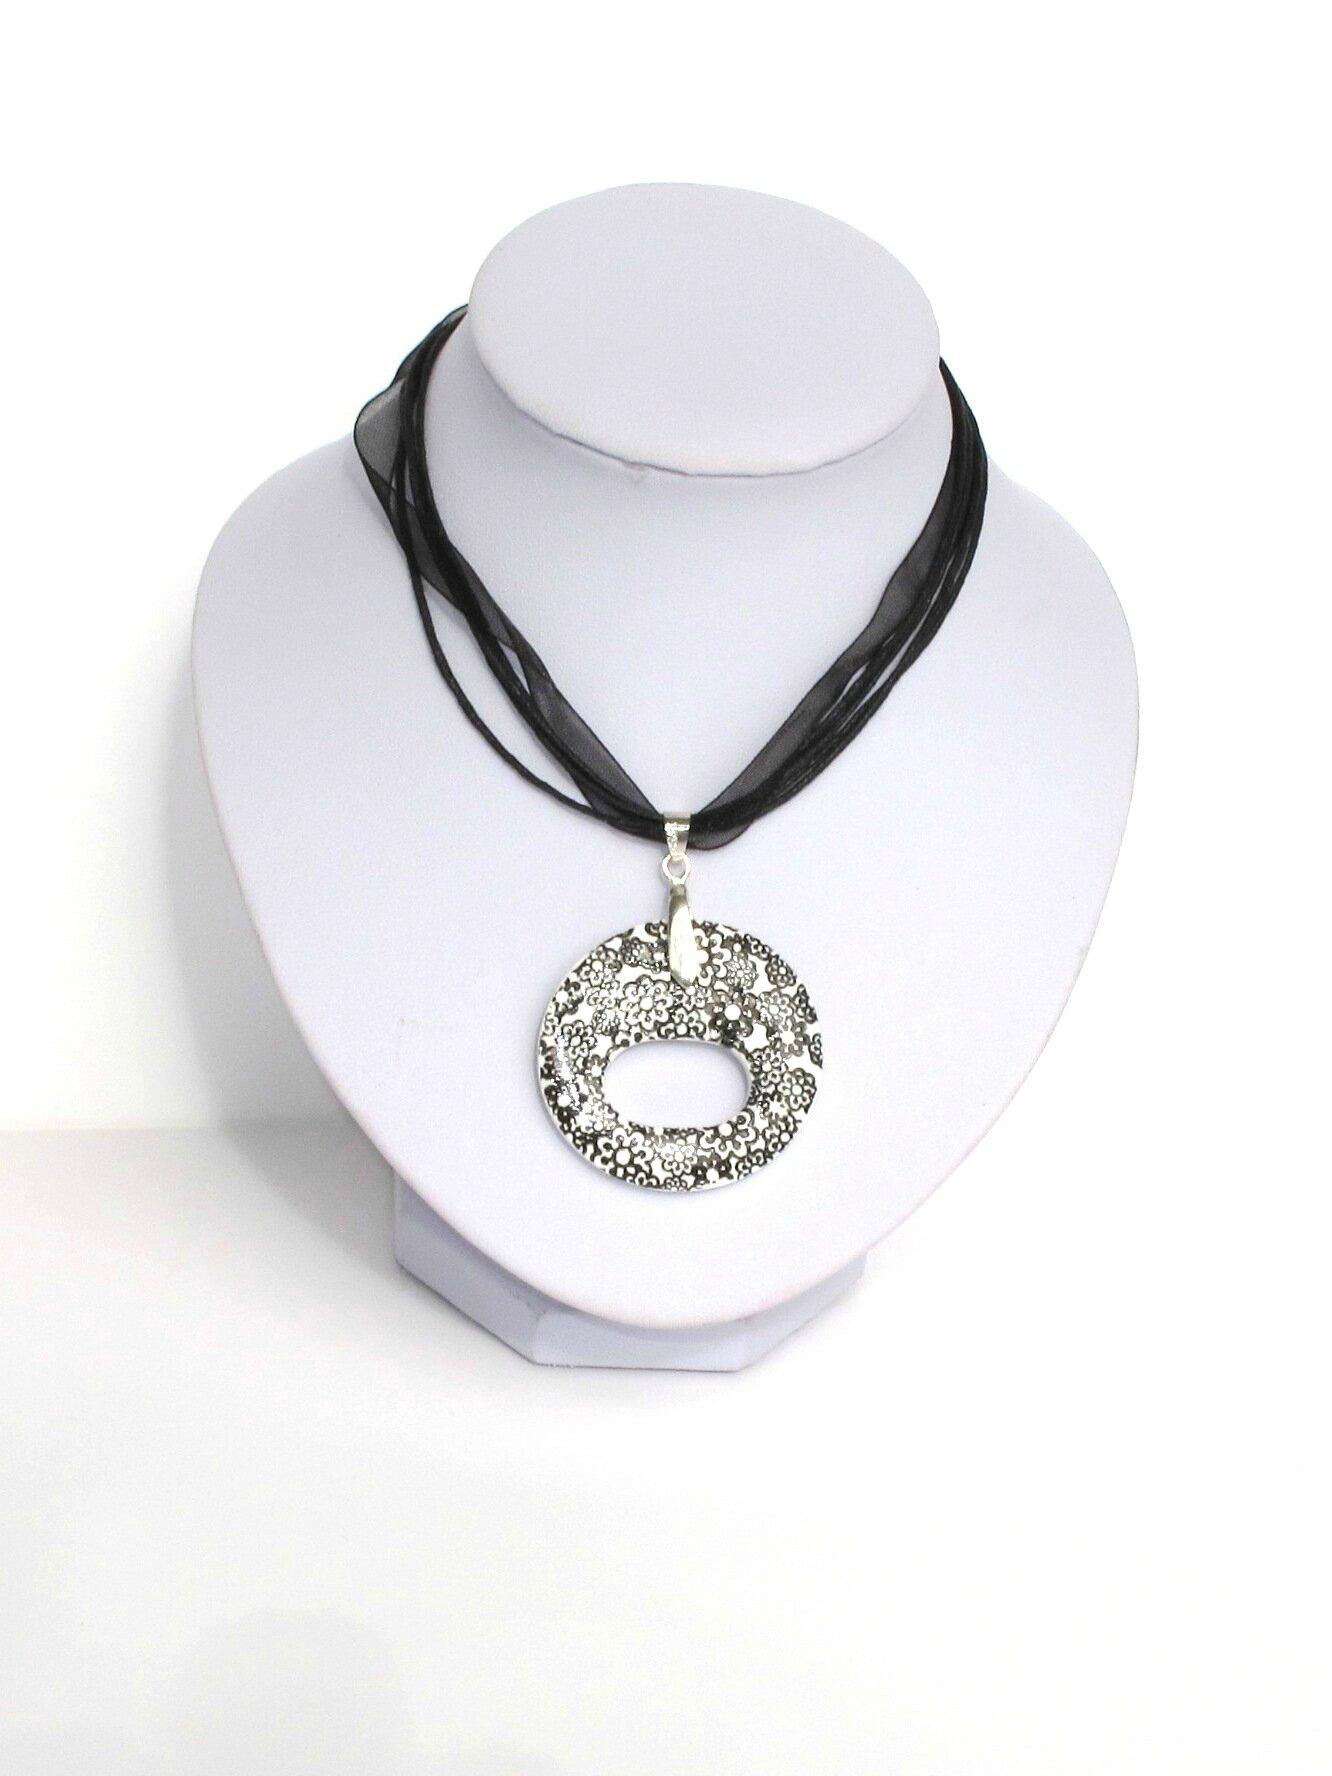 pendentif porte lunettes fimo rond fleurs noires buste blanc